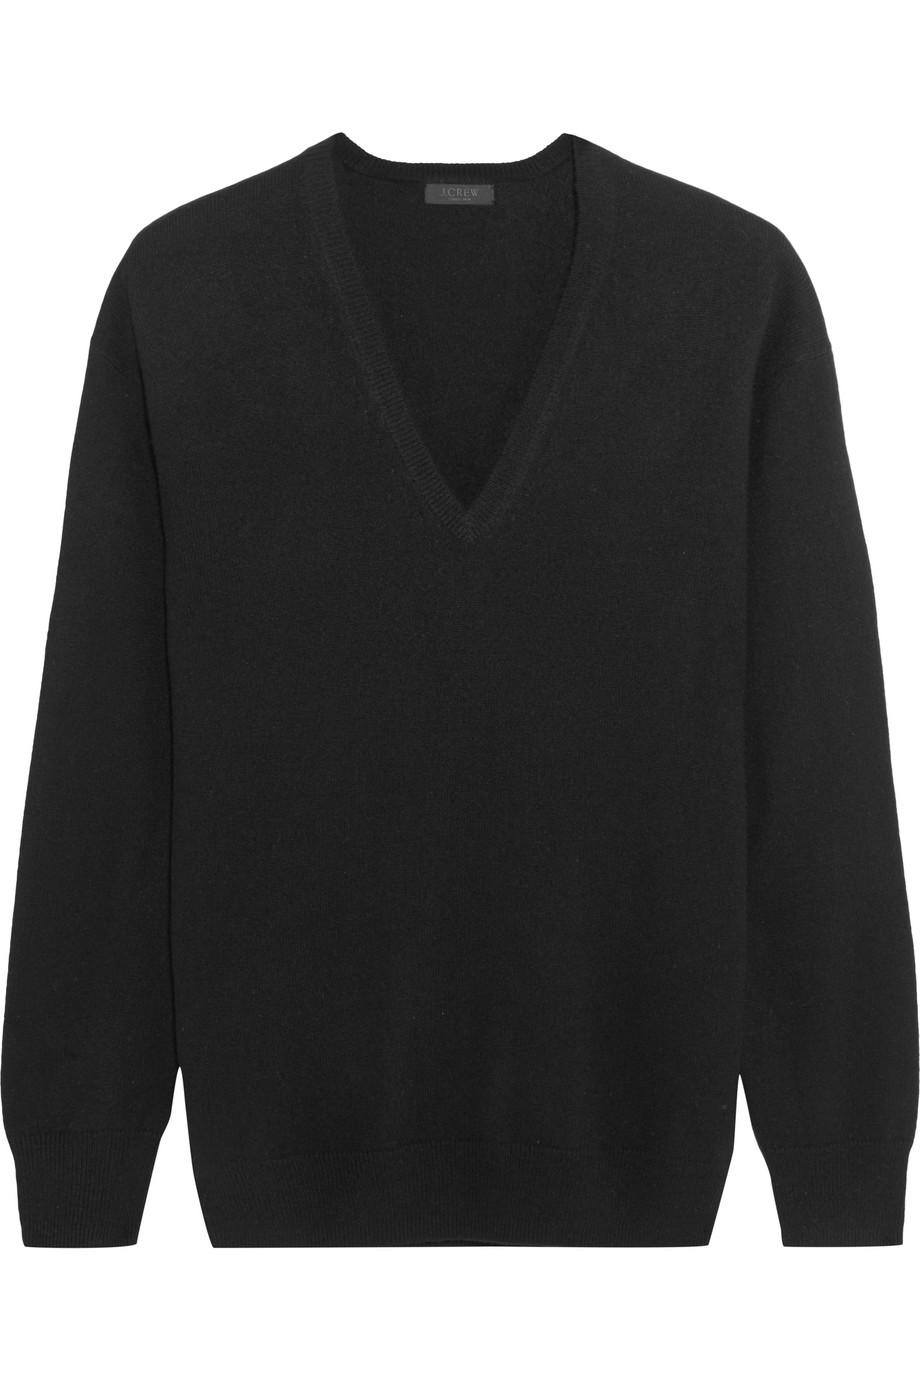 J.Crew Cashmere Sweater, Black, Women's, Size: XXS